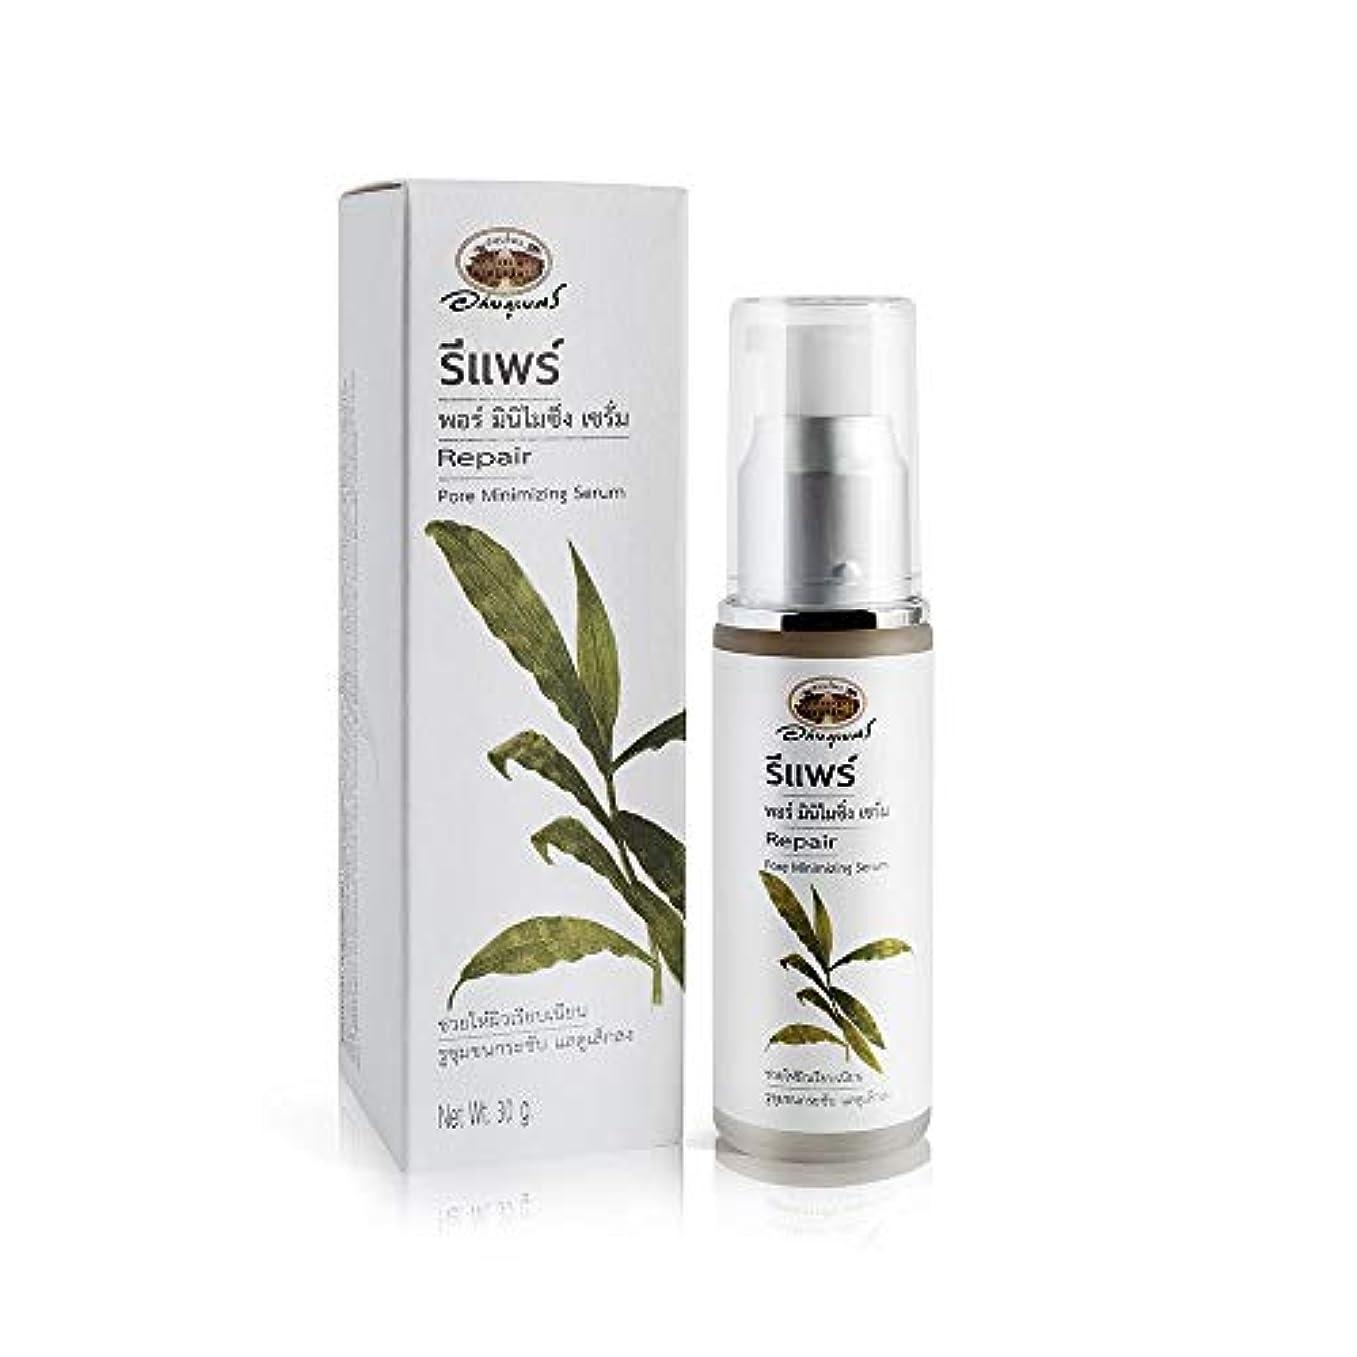 いっぱいシビックペインAbhaibhubejhr Pore Minimizing Serum Repair Face 30g Abhaibhubejhrポアミニマイズセラムリペアフェイス30g